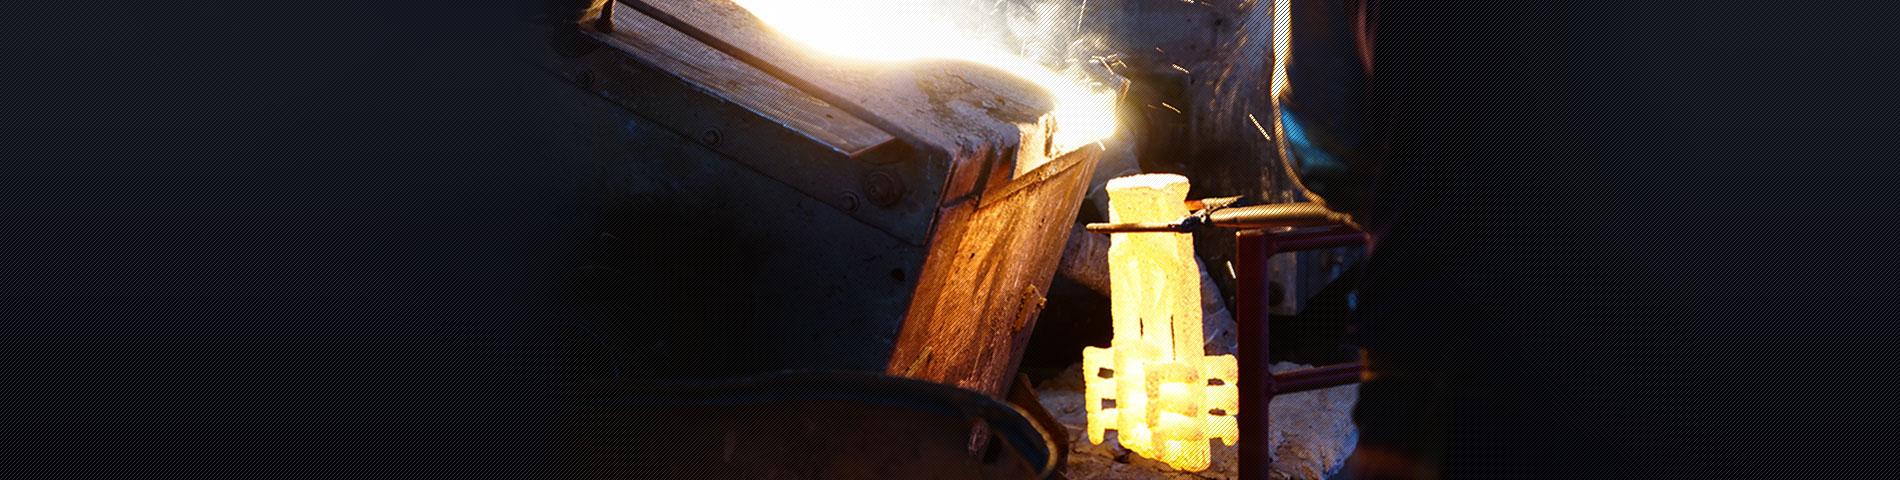 स्टेनलेस स्टील उत्पादन की प्रक्रिया लाभ